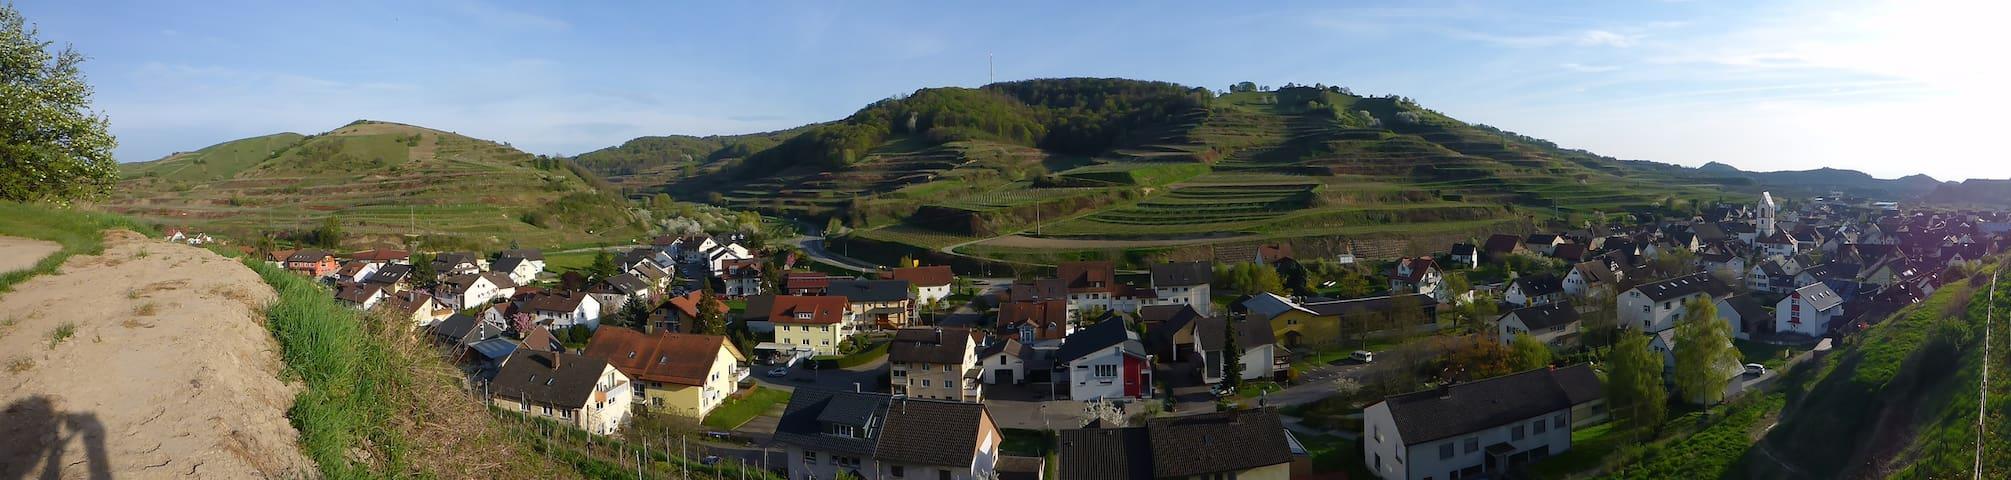 Ferienwohnung Winzerhof von Weinbergen umgeben 2